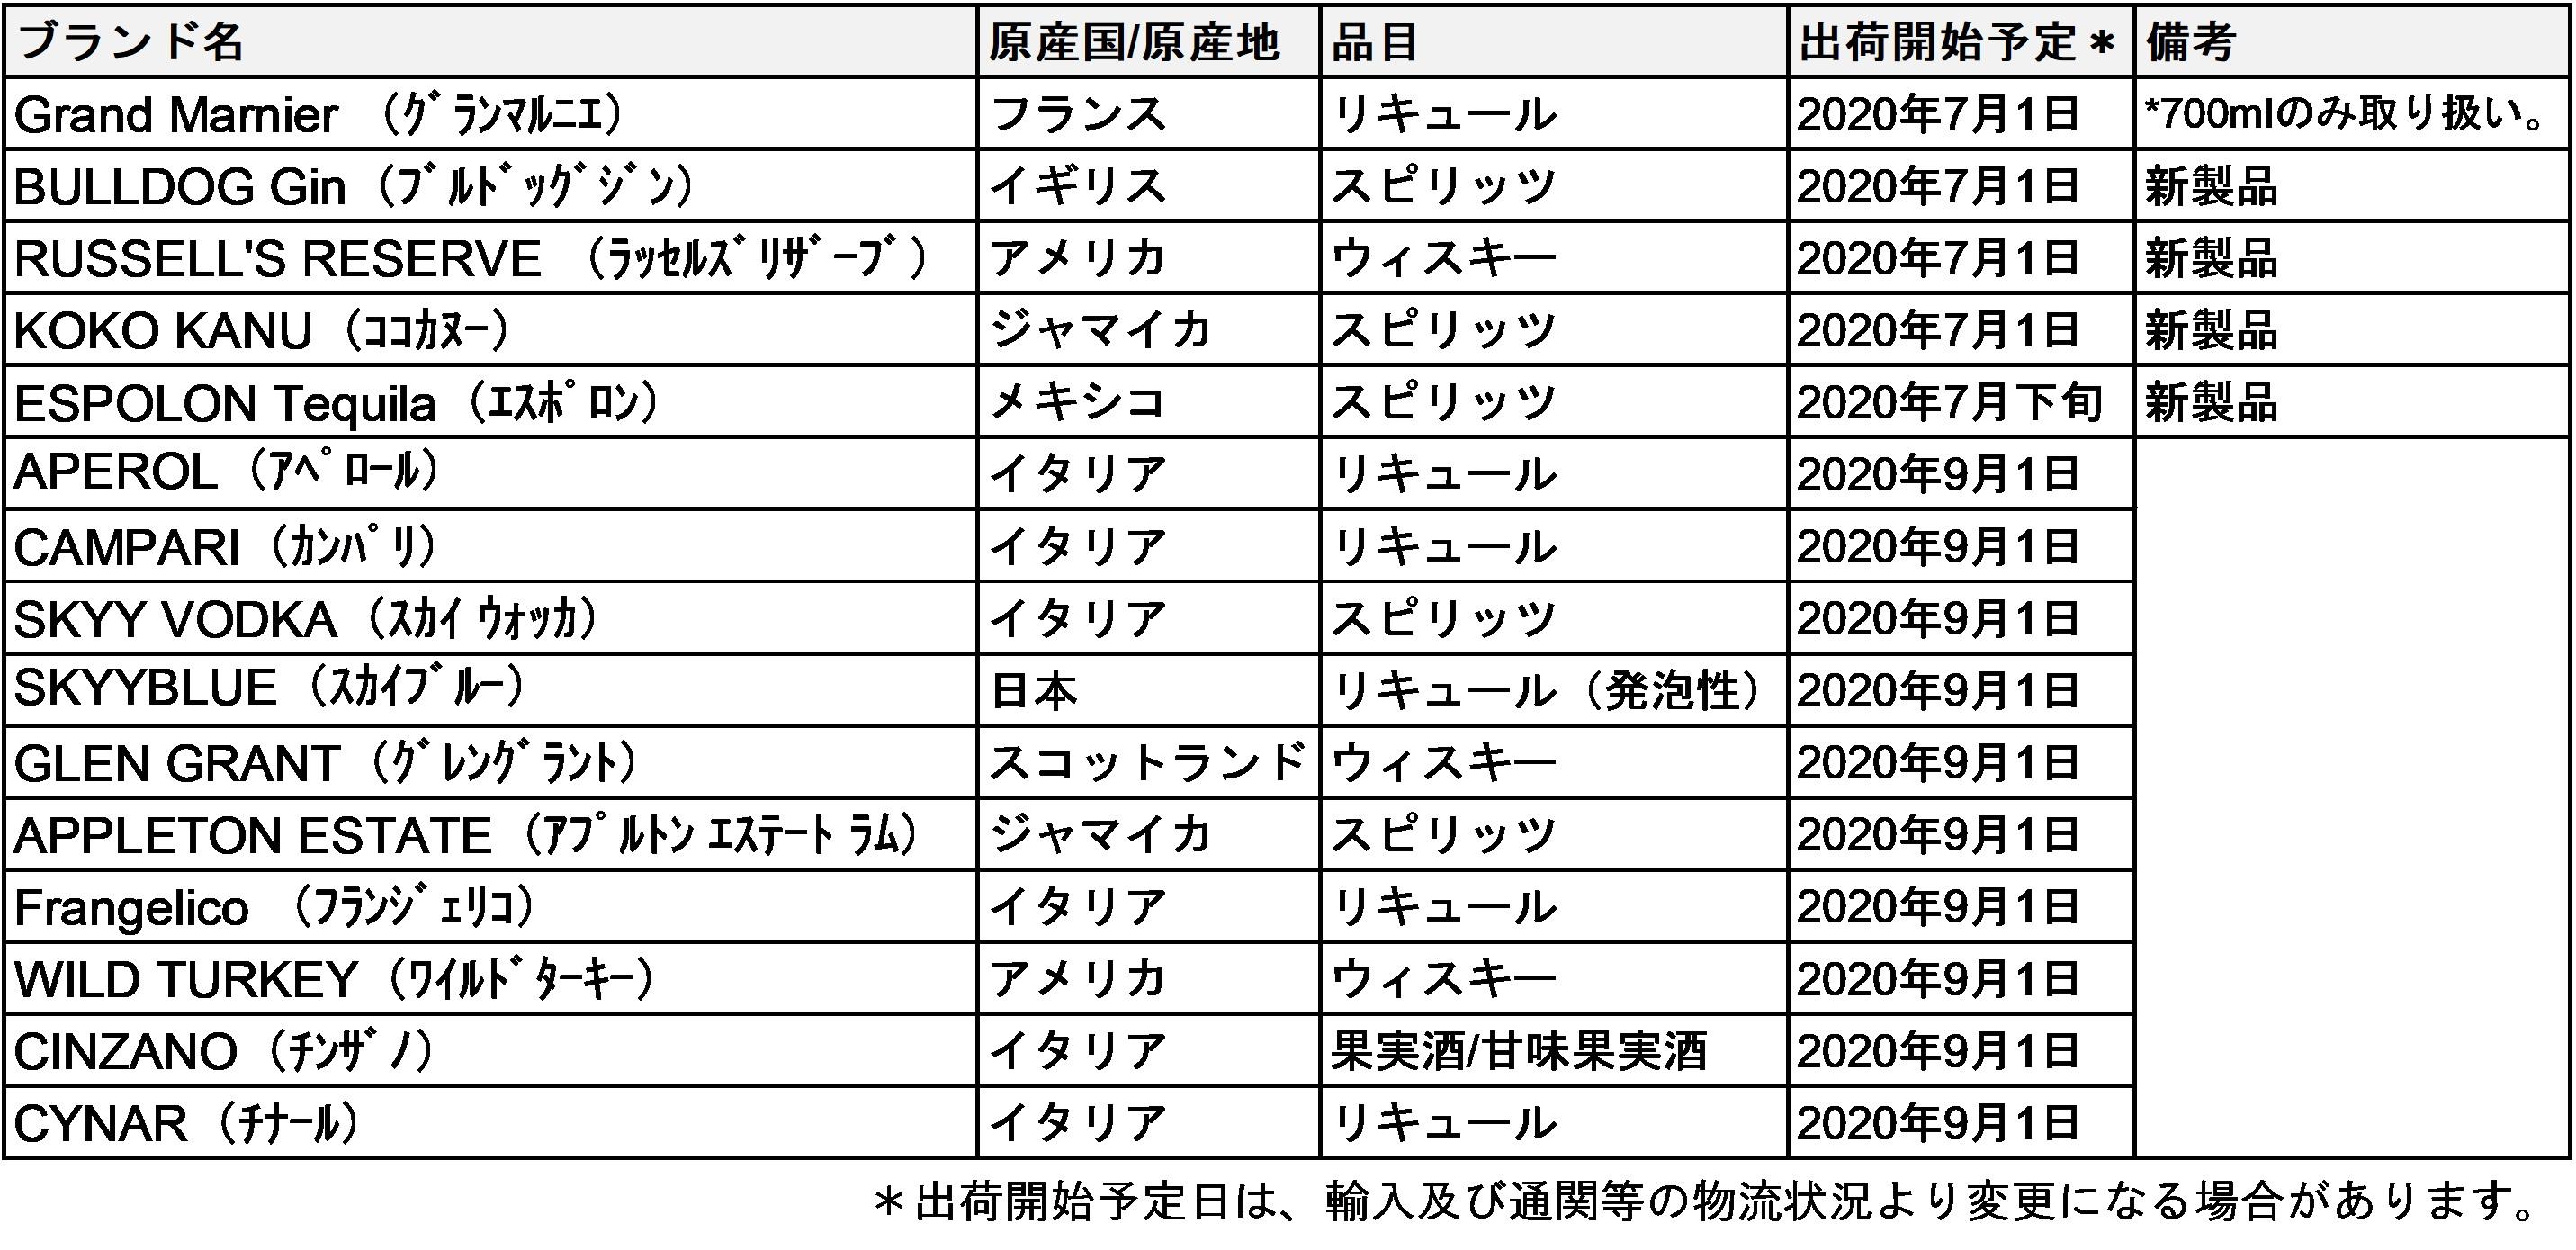 2020年5月26日(火) CT Spirits Japan株式会社/ CAMPARI GROUP 画像